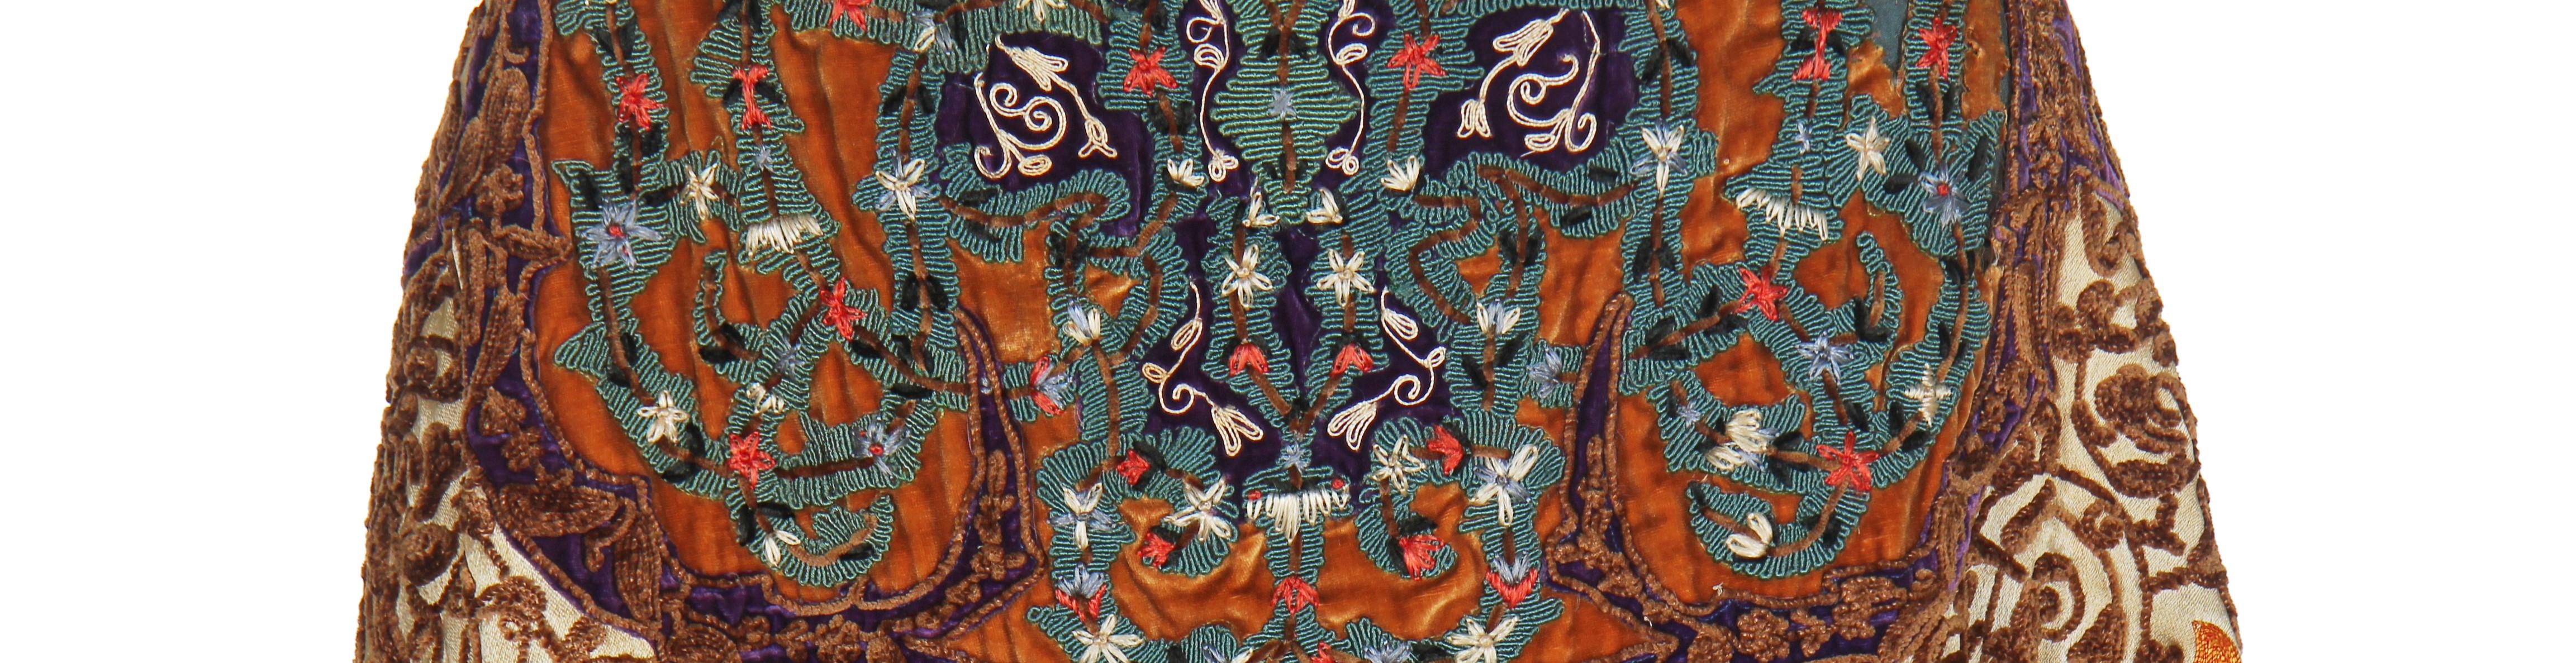 Vintage, Antique Textiles & Passion for Fashion